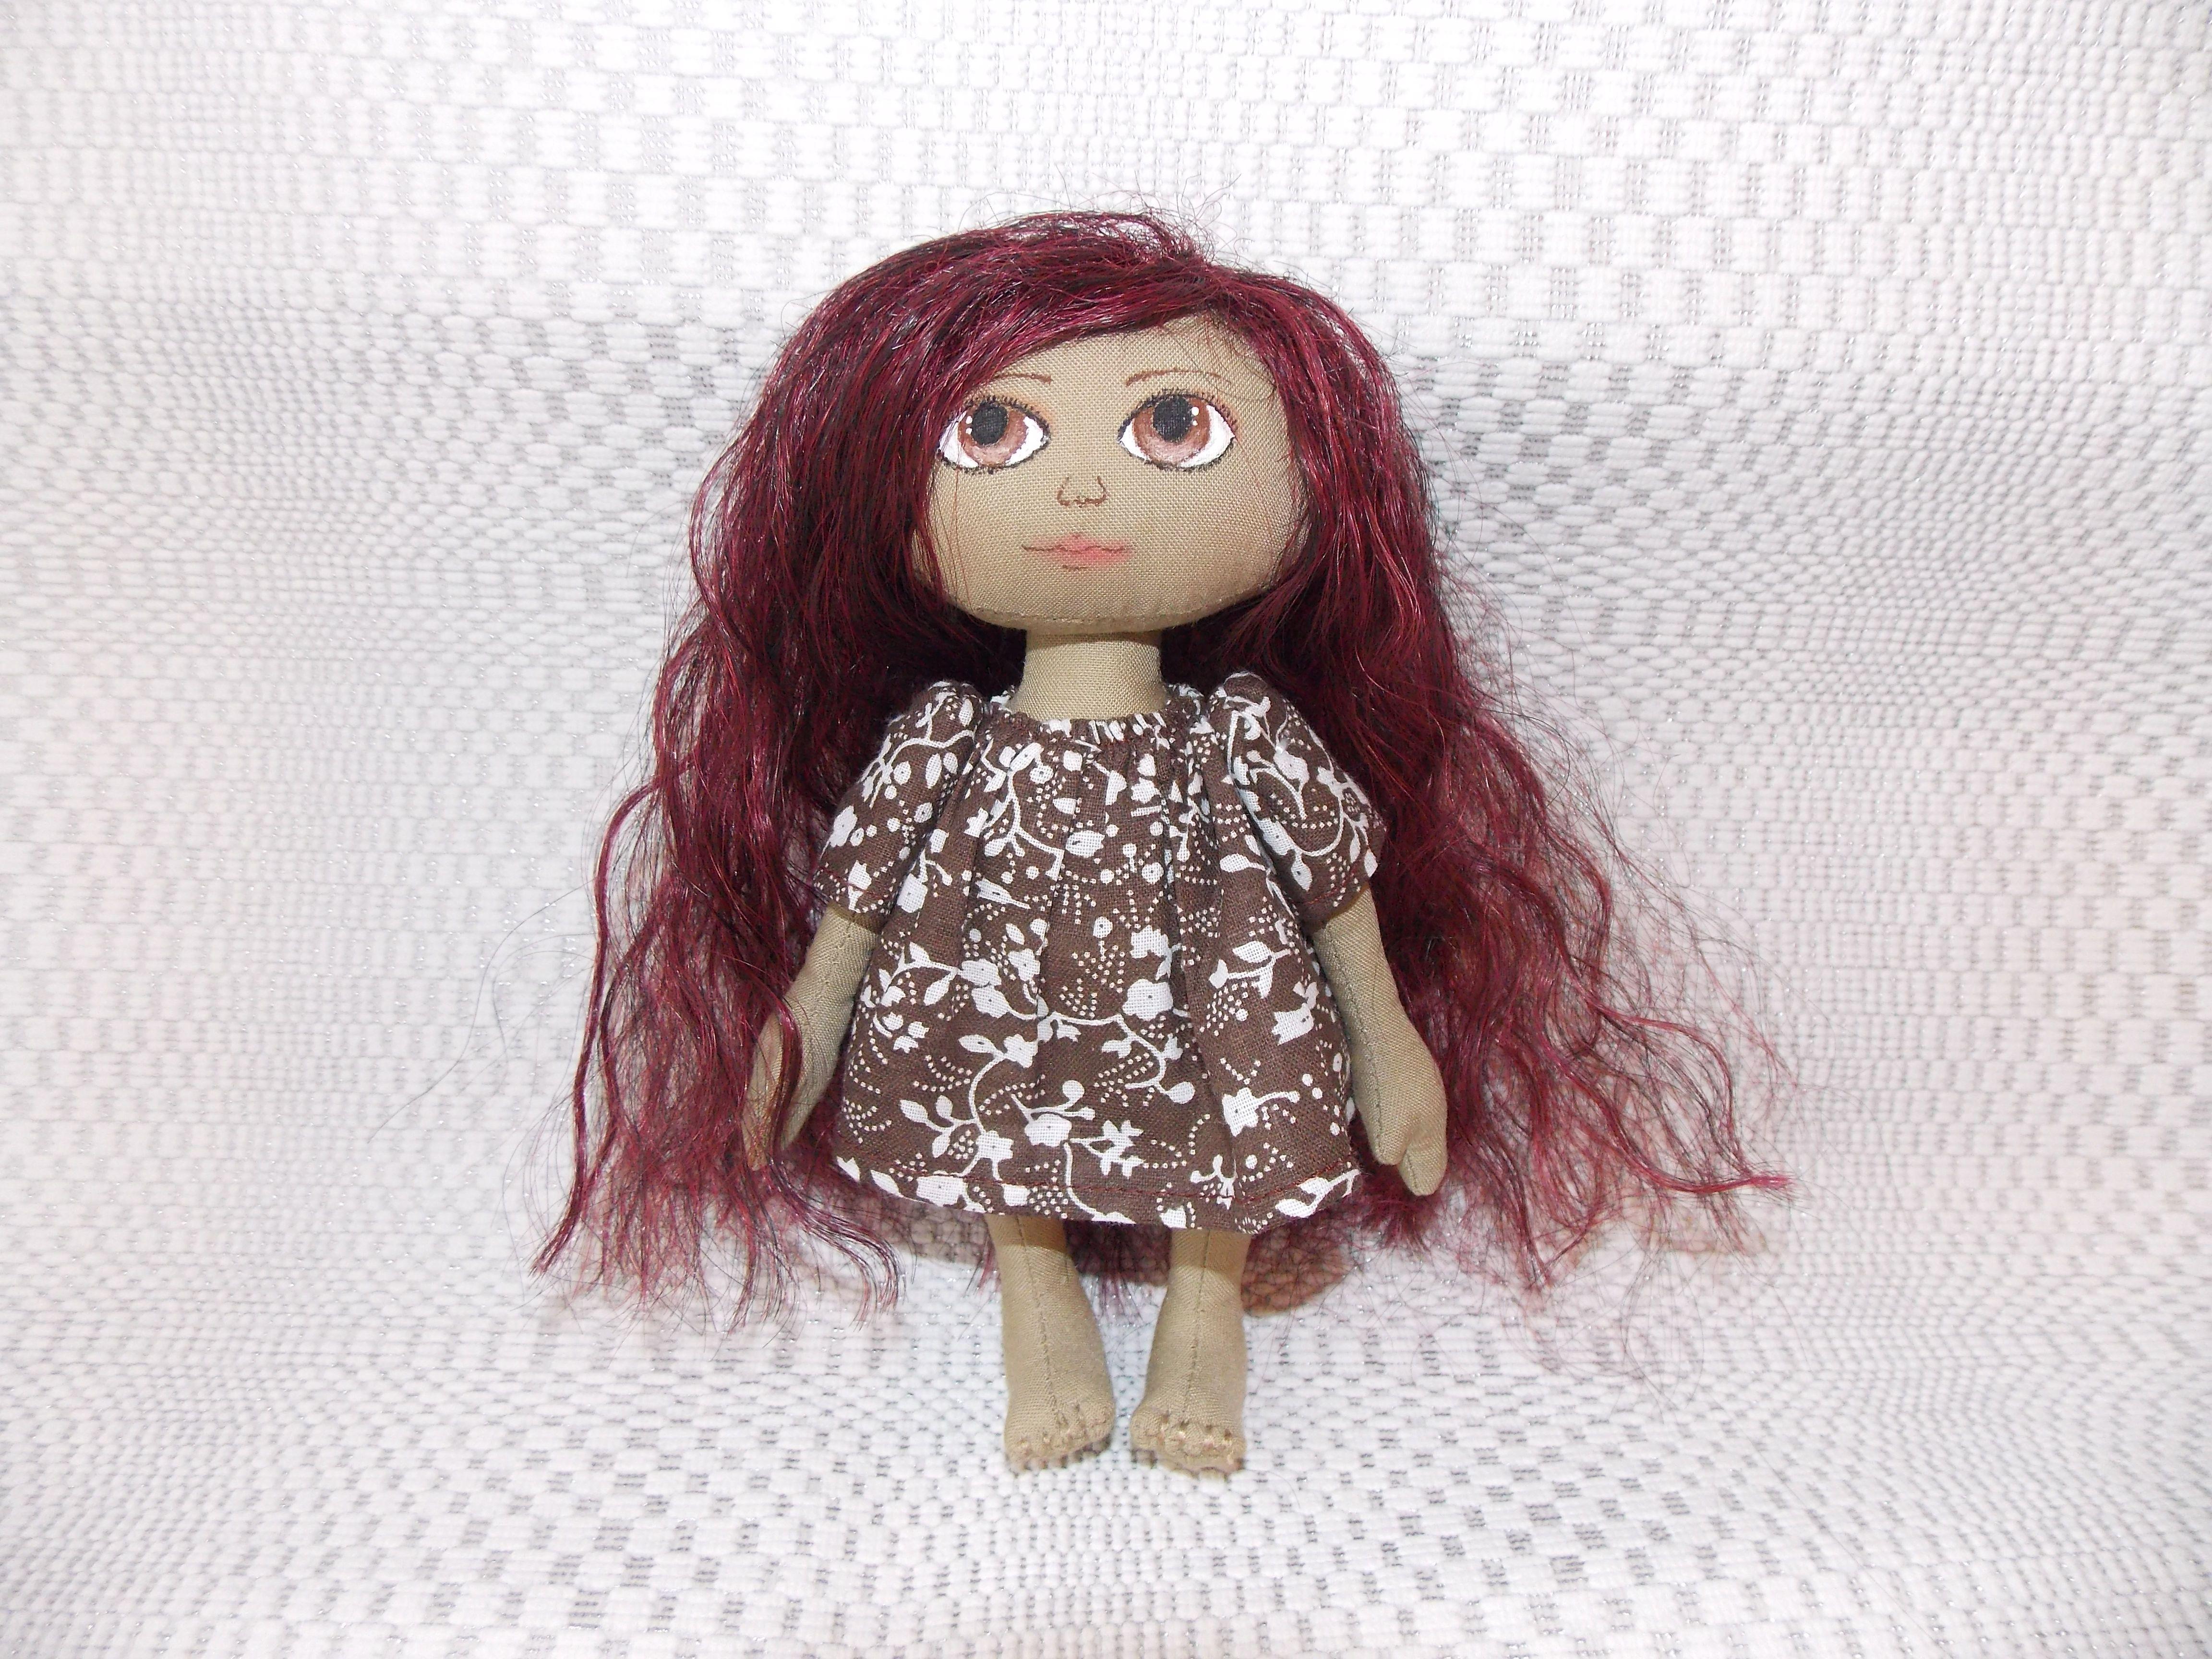 мягкая игрушка кукла интерьерная